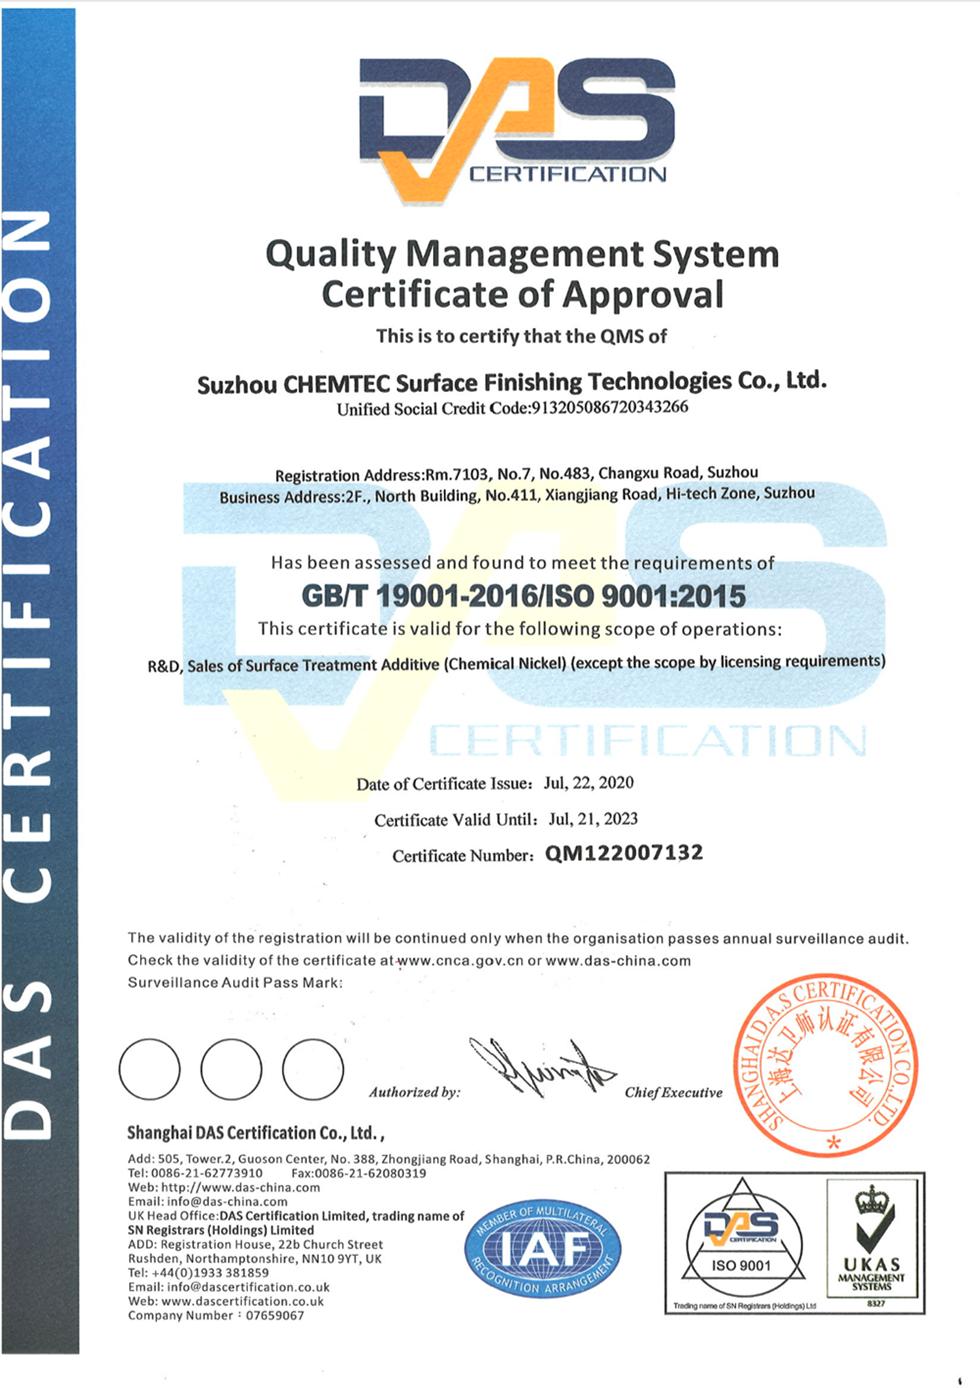 喜讯!热烈祝贺我公司获得质量管理体系认证证书(ISO9001:2015)